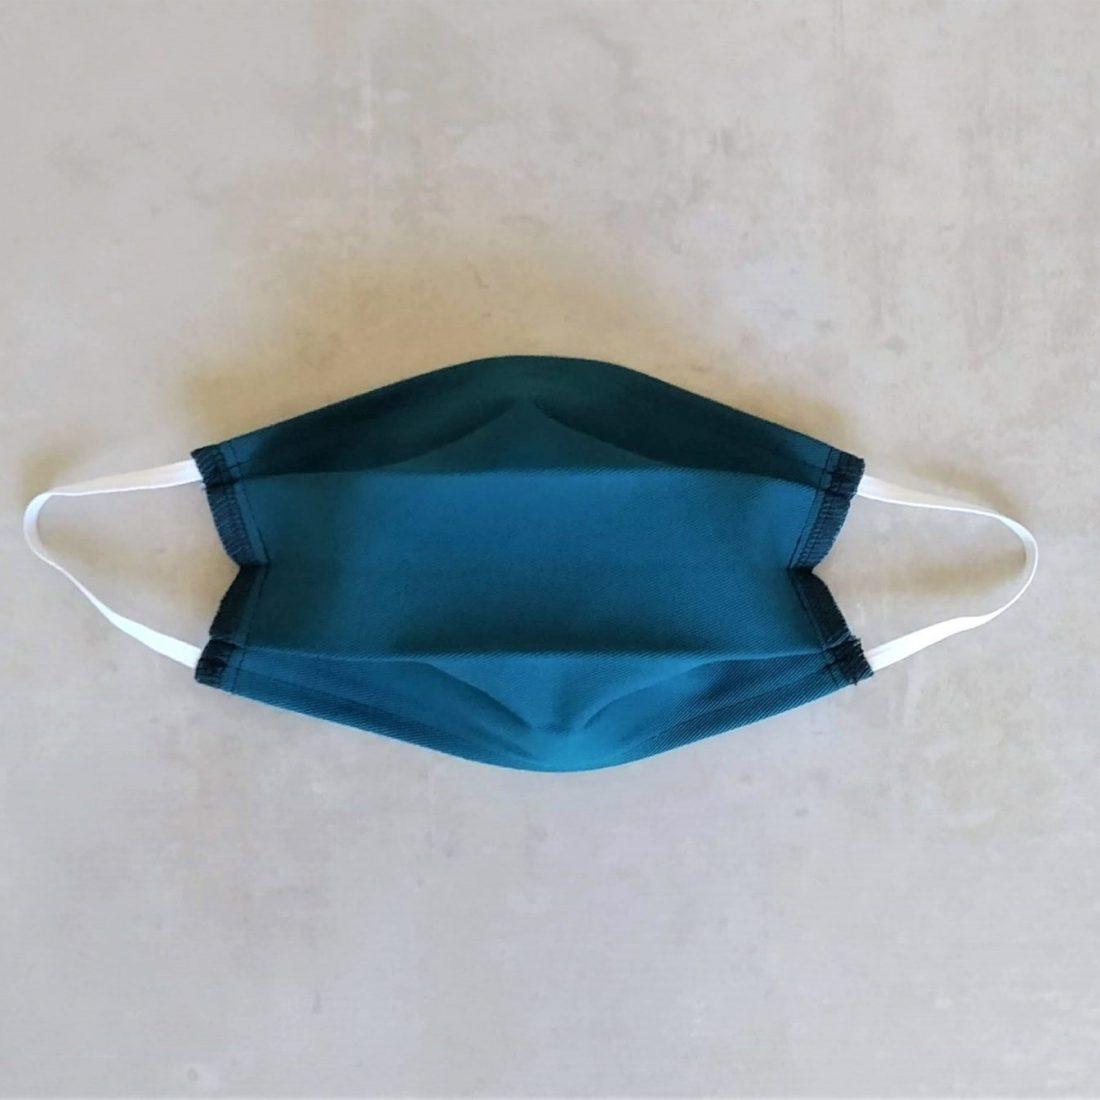 Voici votre masque barrière une fois déplié.